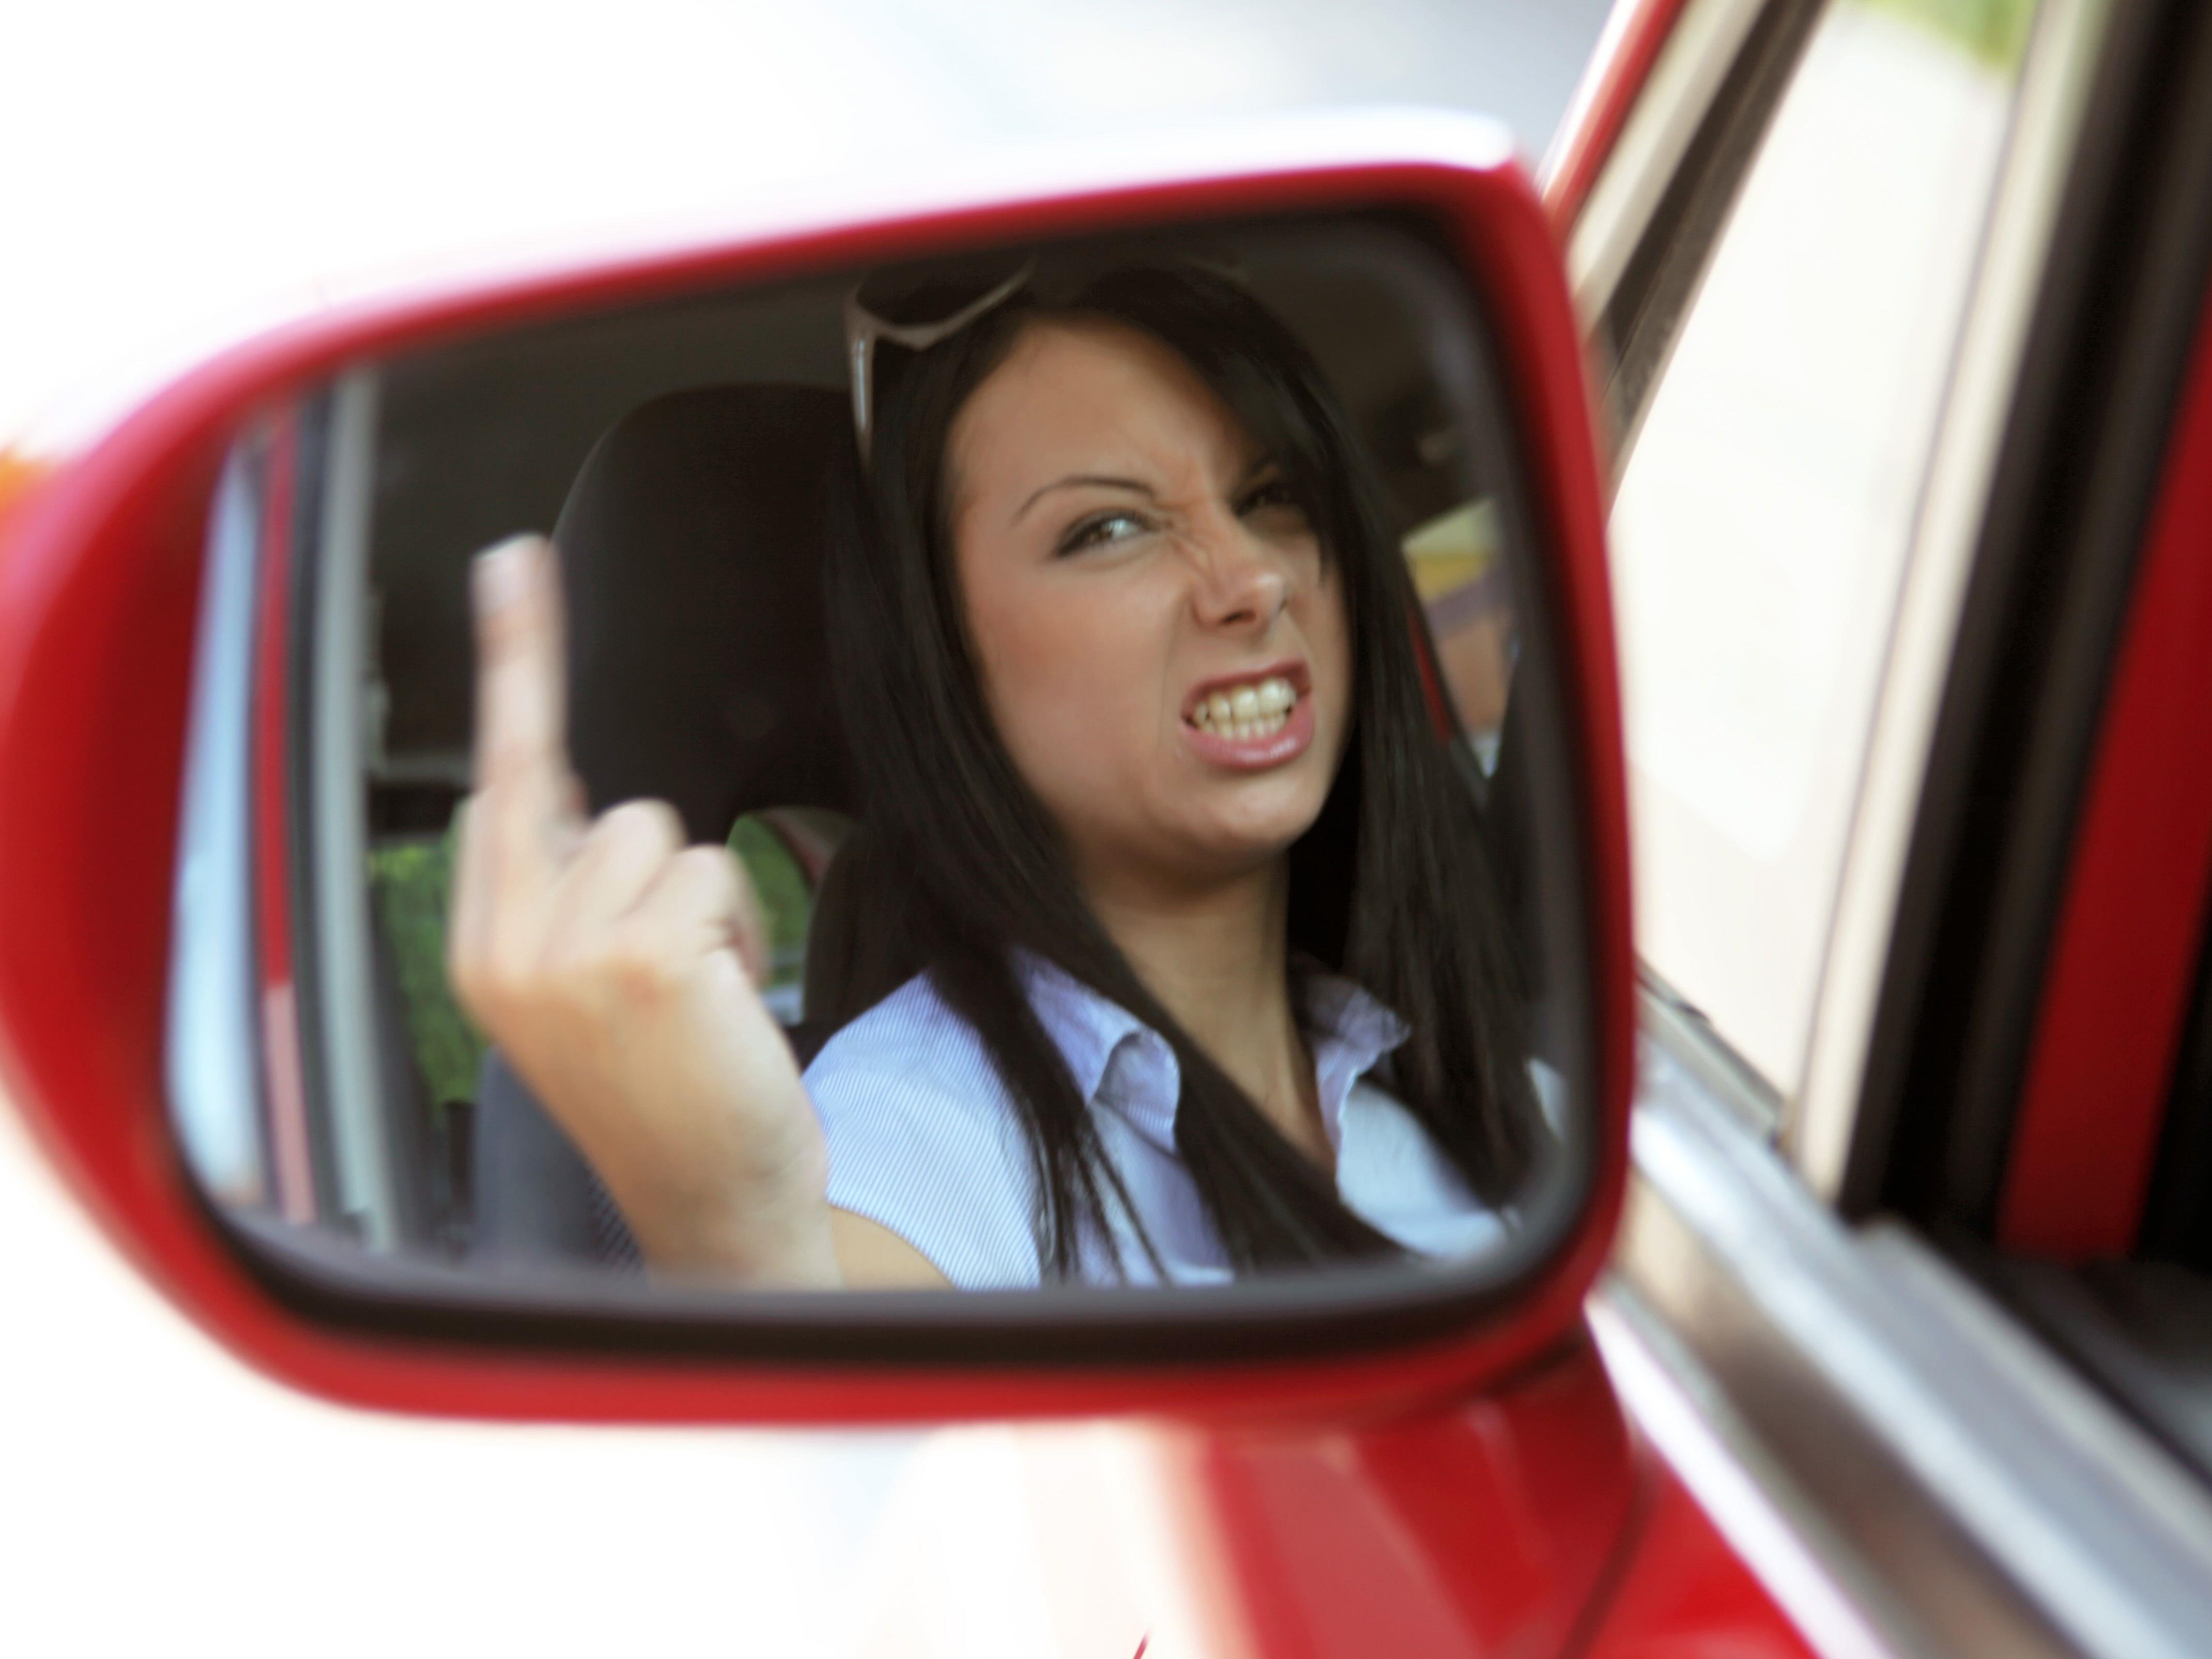 Fahrer, die mit aufbrausendem Verhalten im Straßenverkehr auffallen, ärgern Österreichs Autofahrer am meisten.